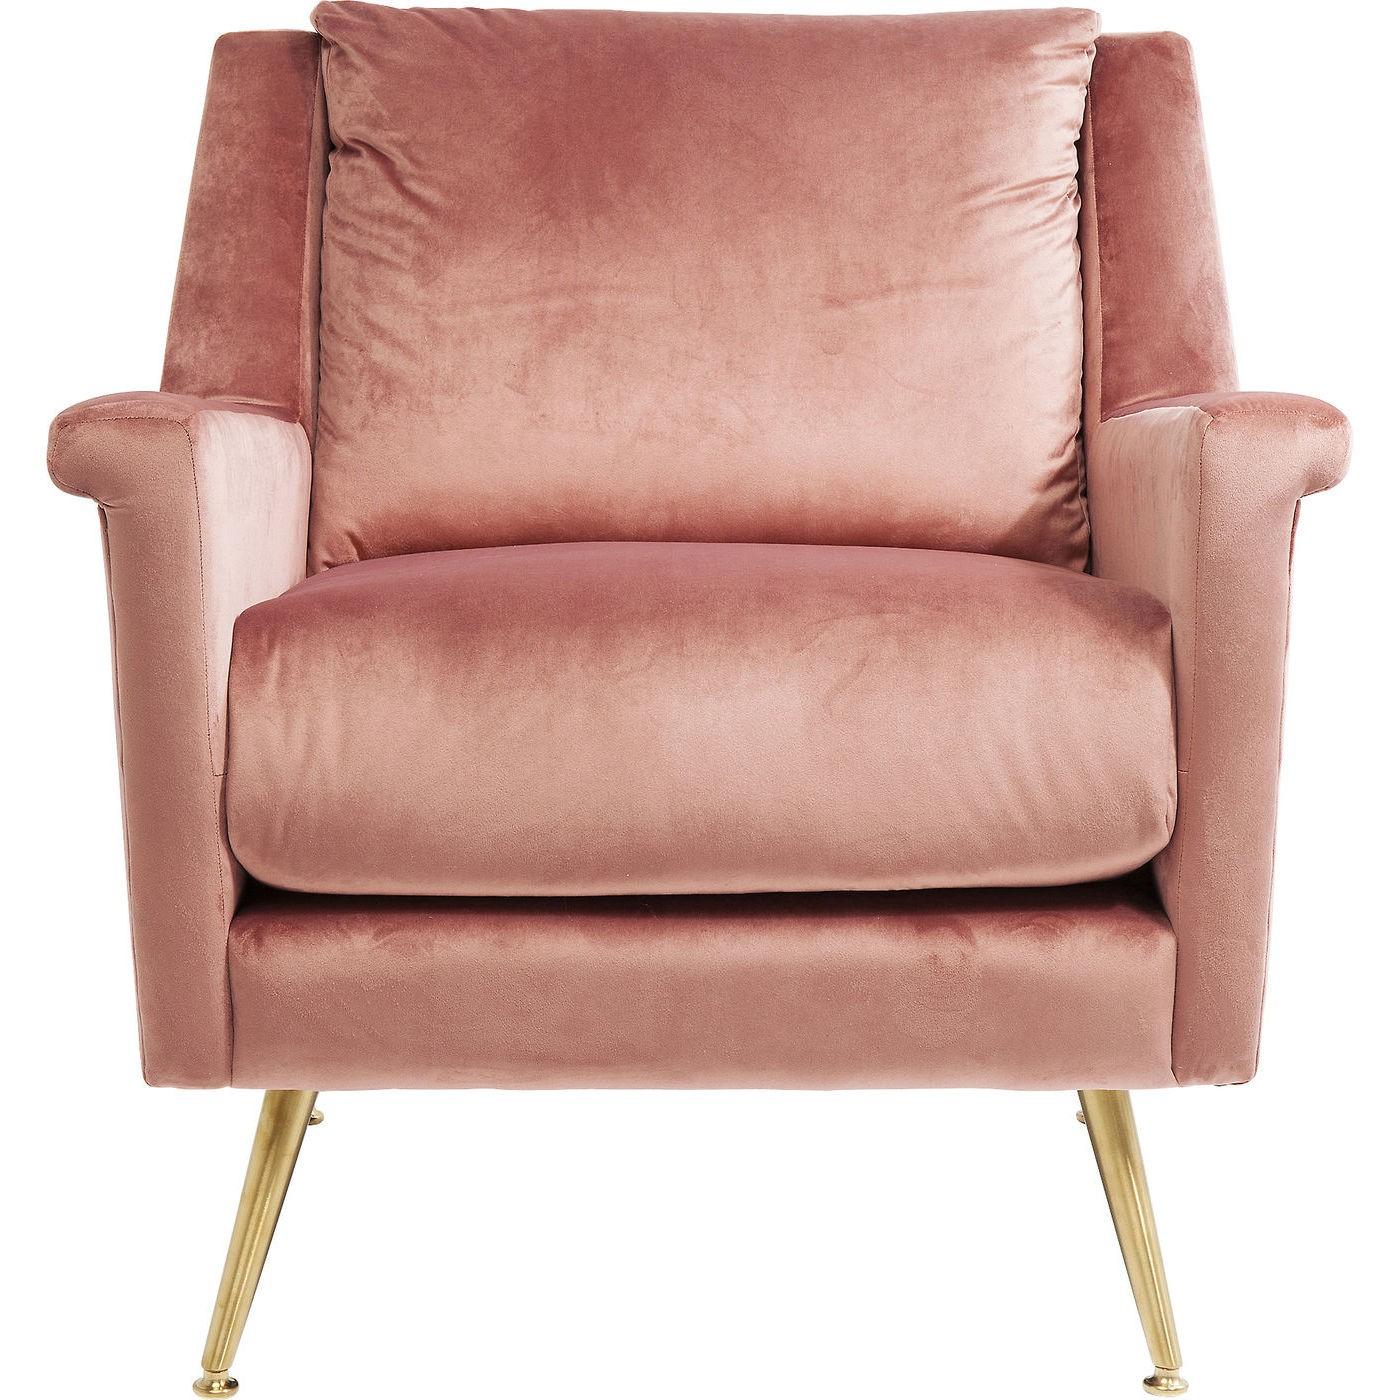 Fauteuil en velours rose et acier doré